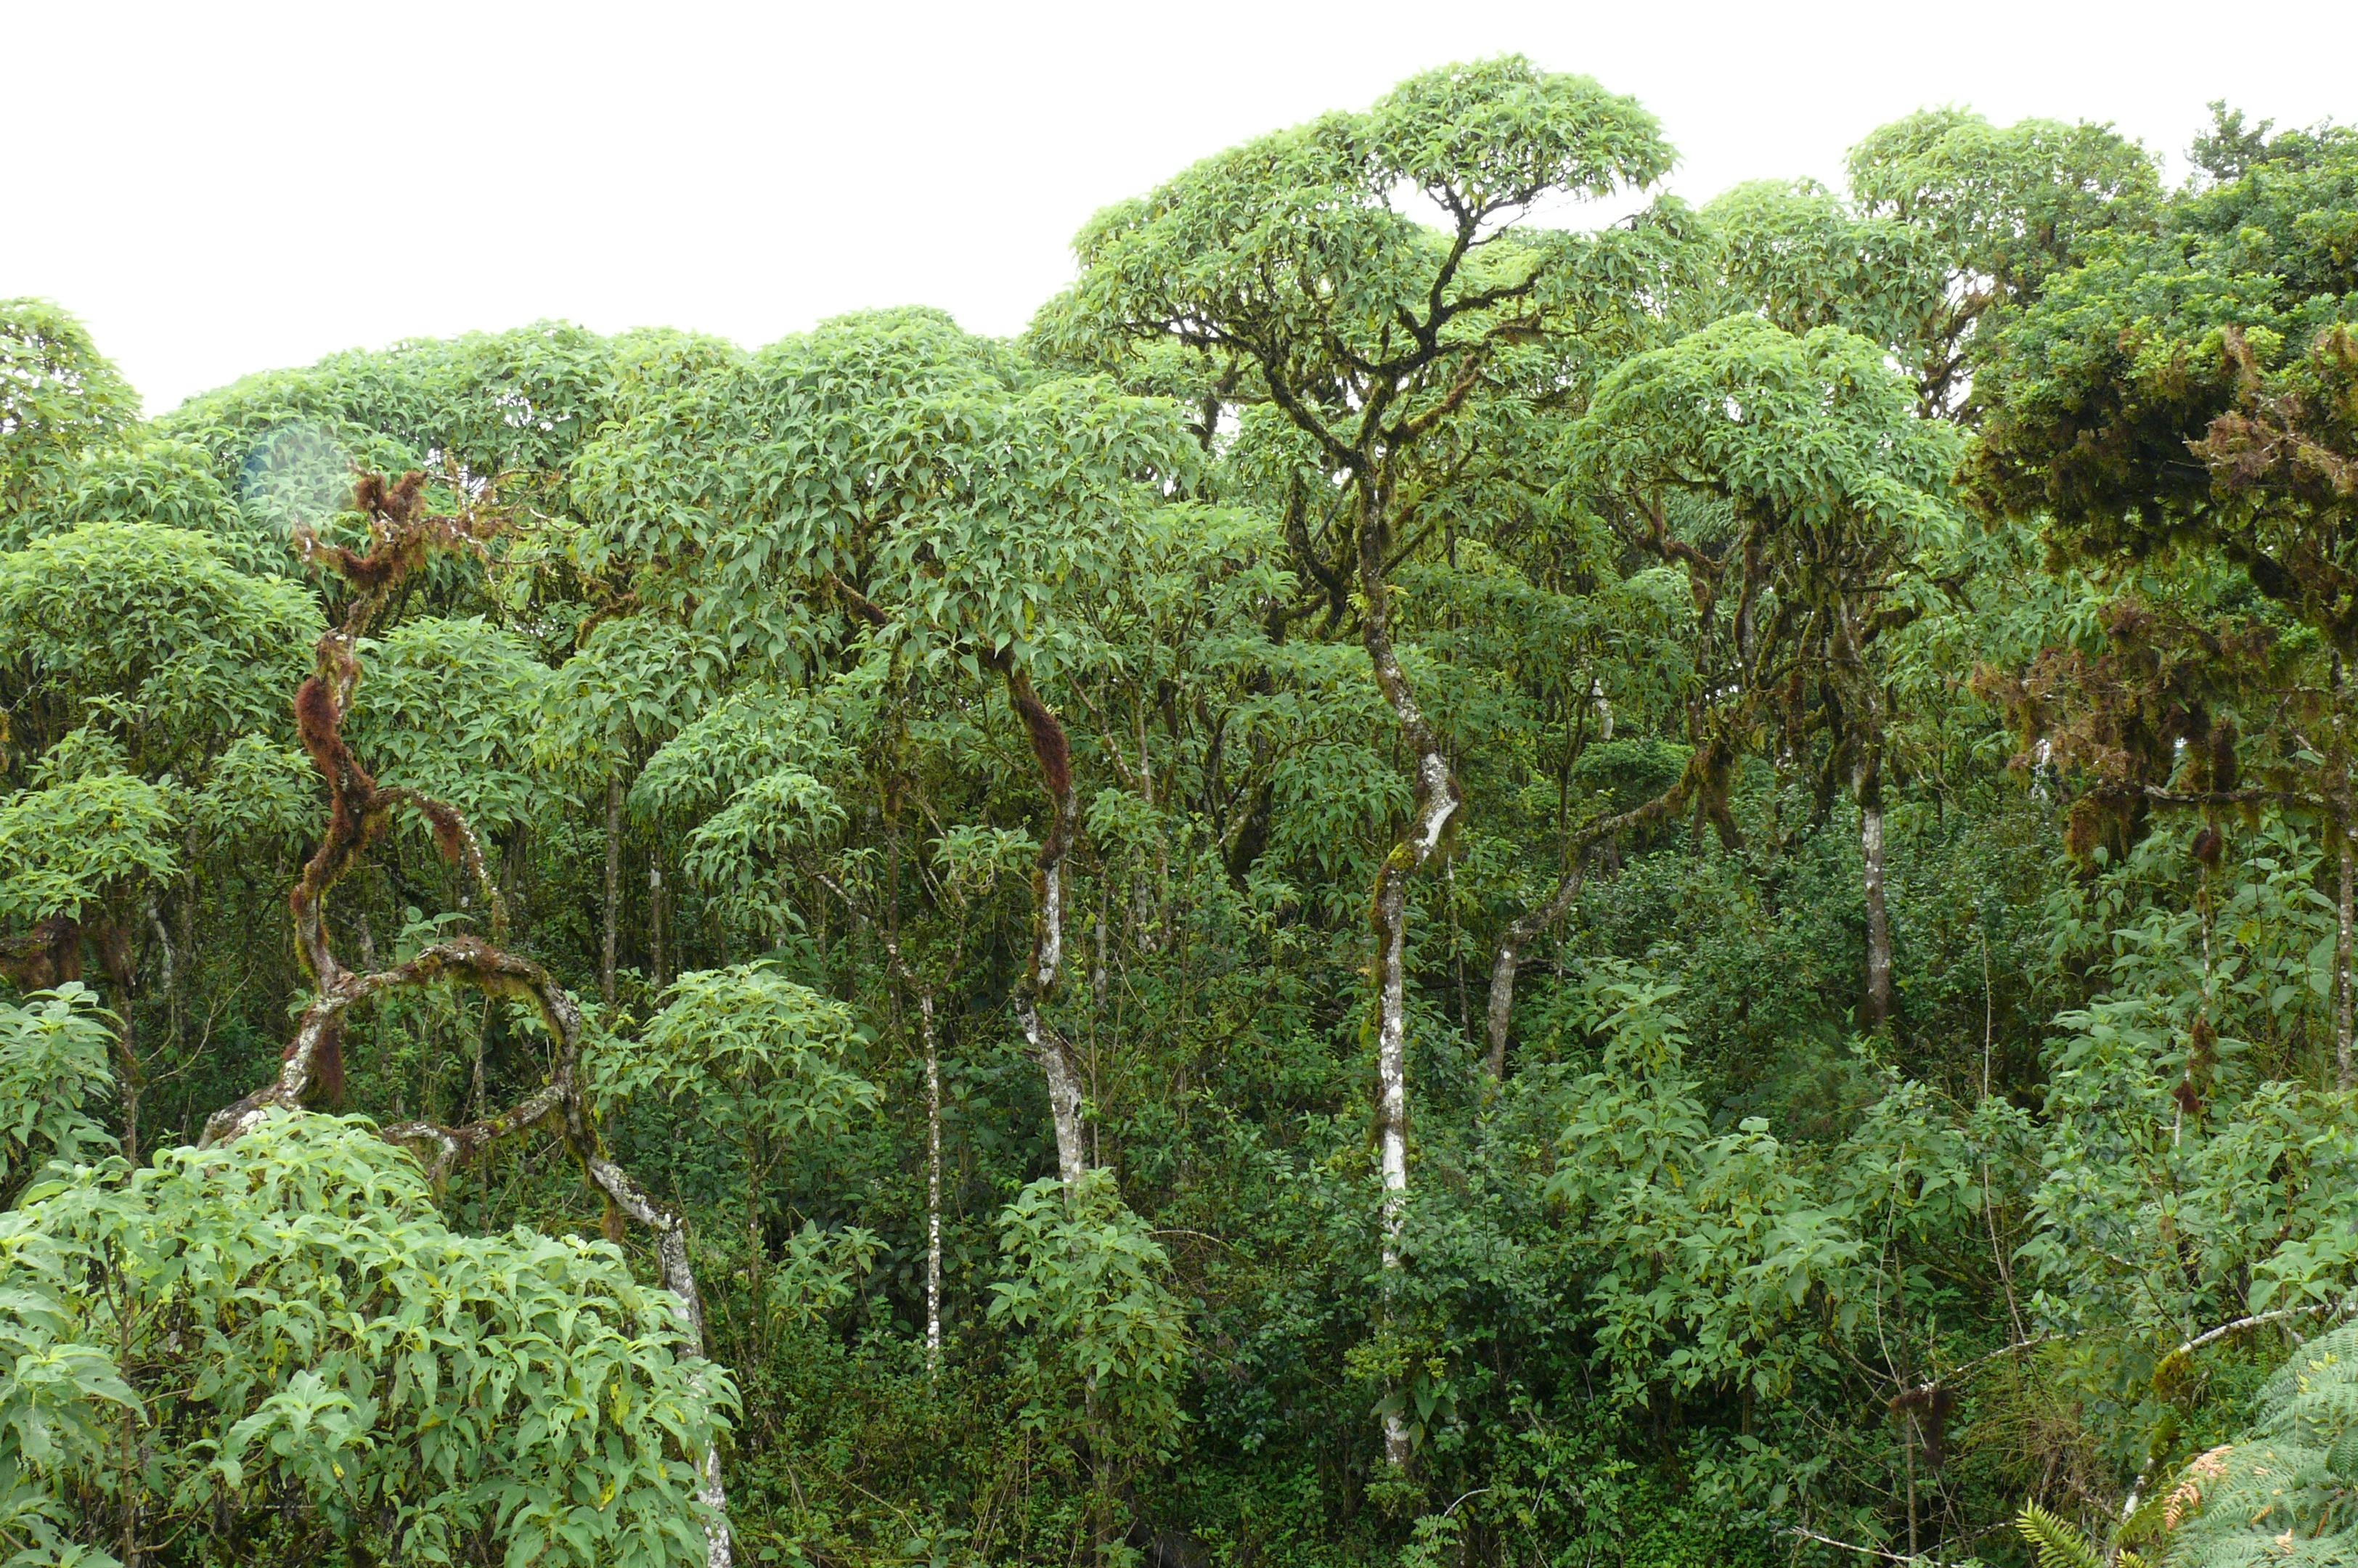 聖克魯茲島(Santa Cruz Island)-Scalecia森林_維基百科介紹